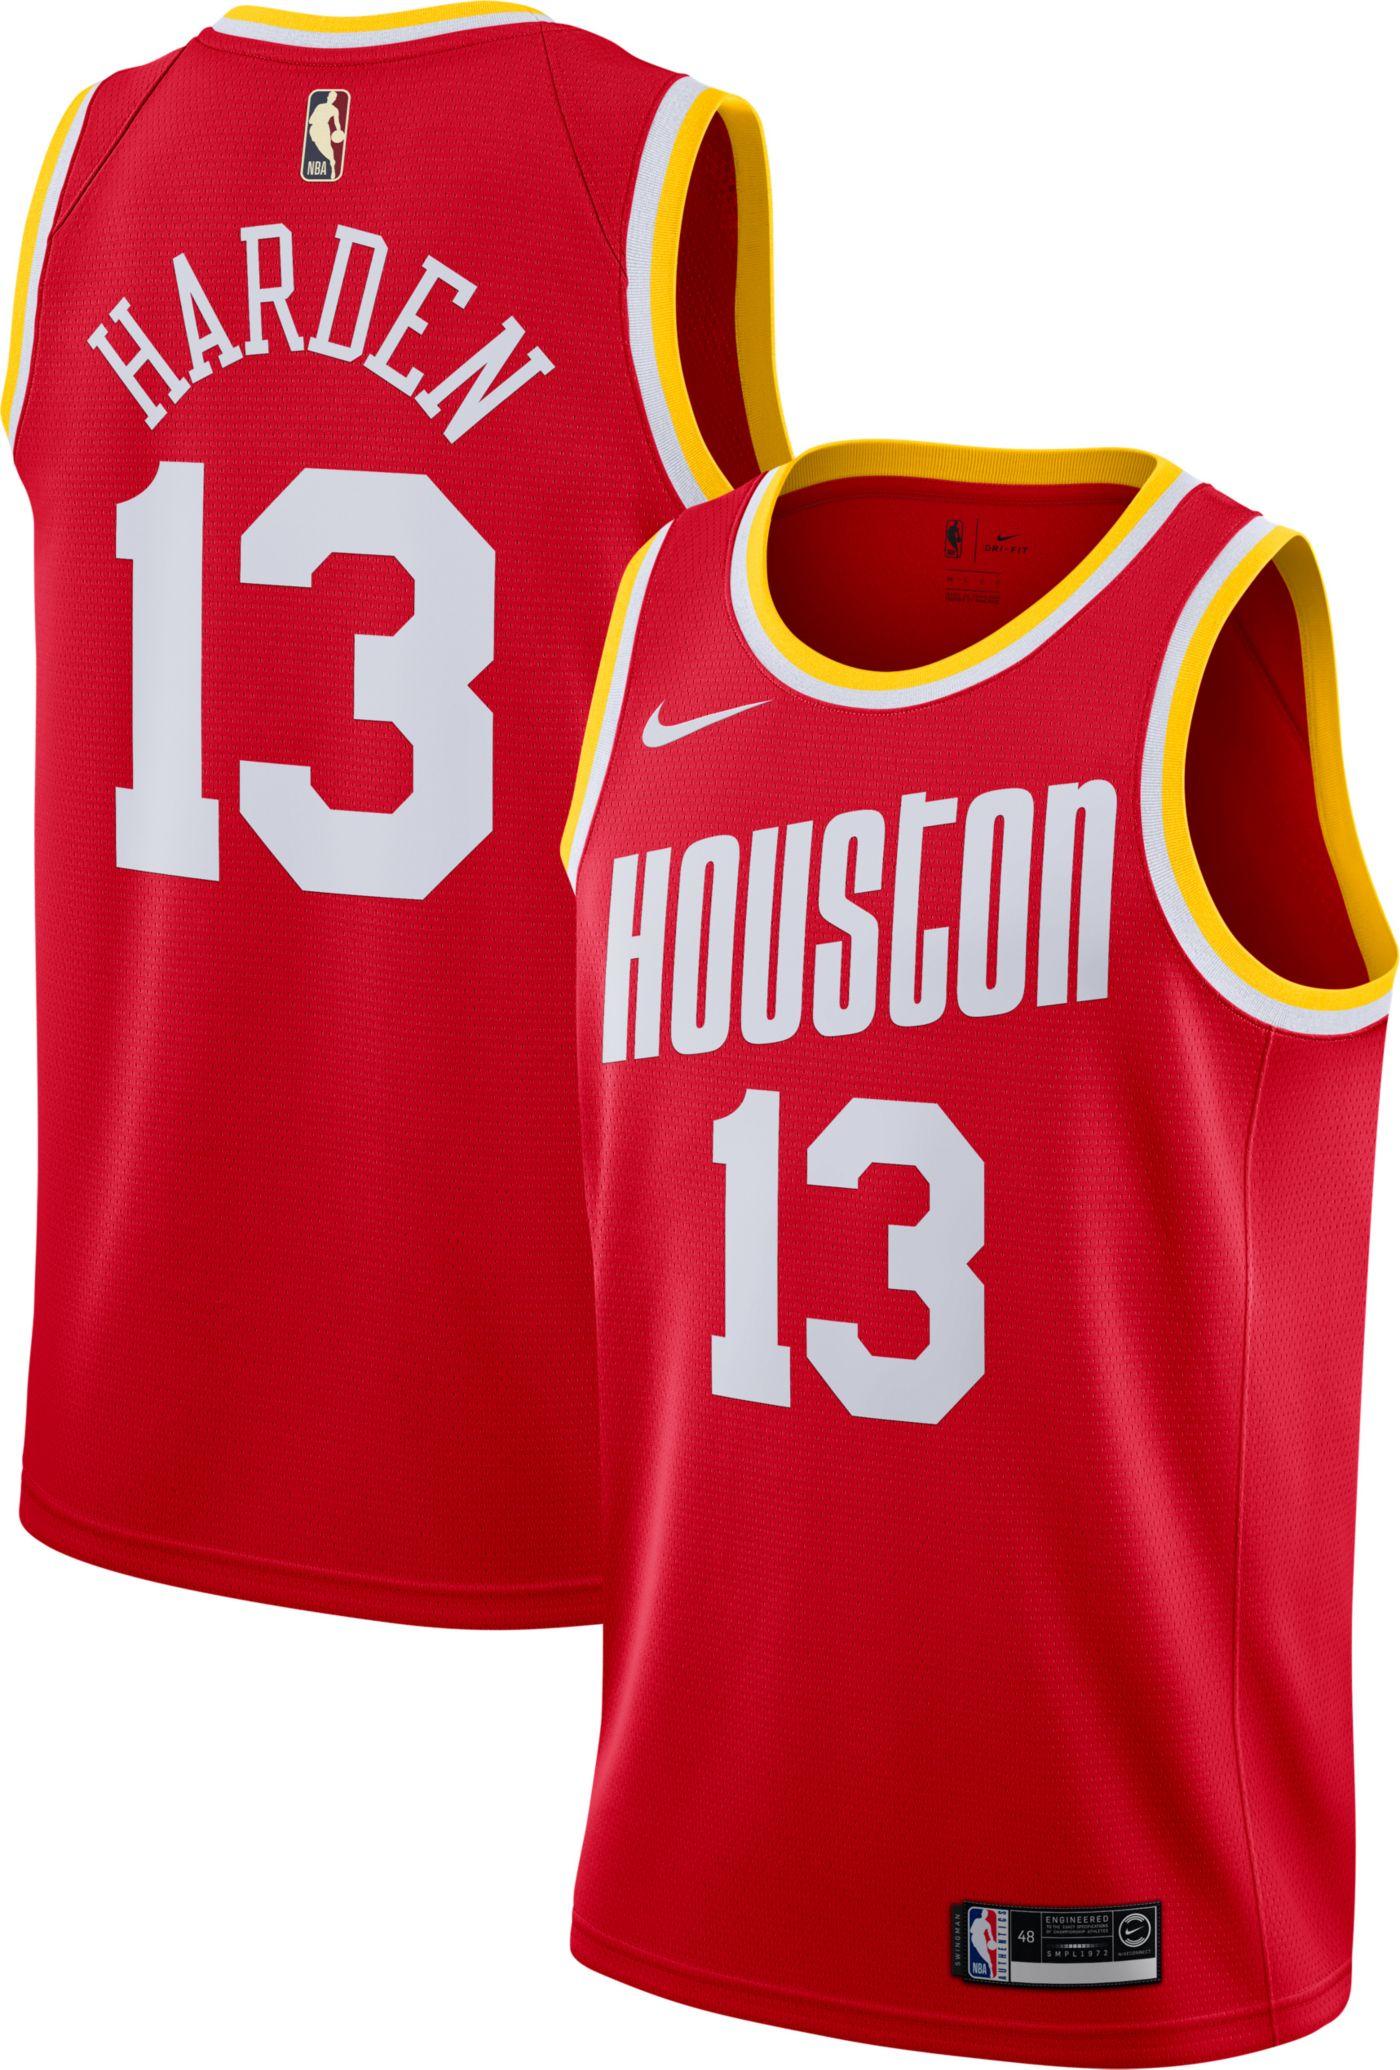 Nike Men's Houston Rockets James Harden #13 Hardwood Classic Dri-FIT Swingman Jersey